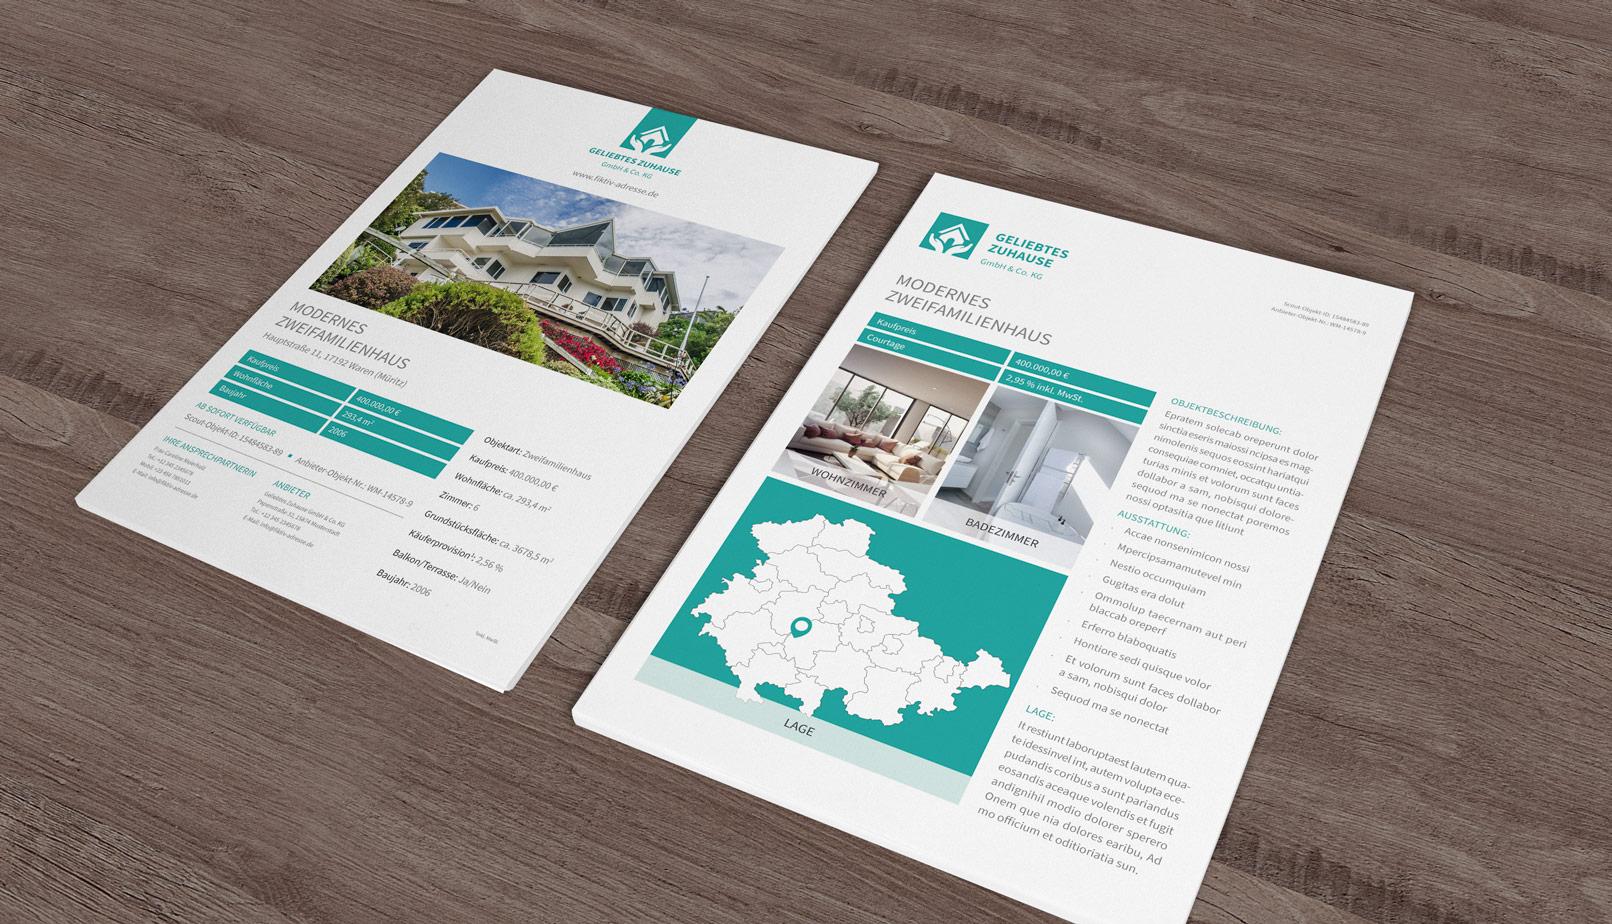 Immobilien-Exposé mit der Landkarte von Thüringen